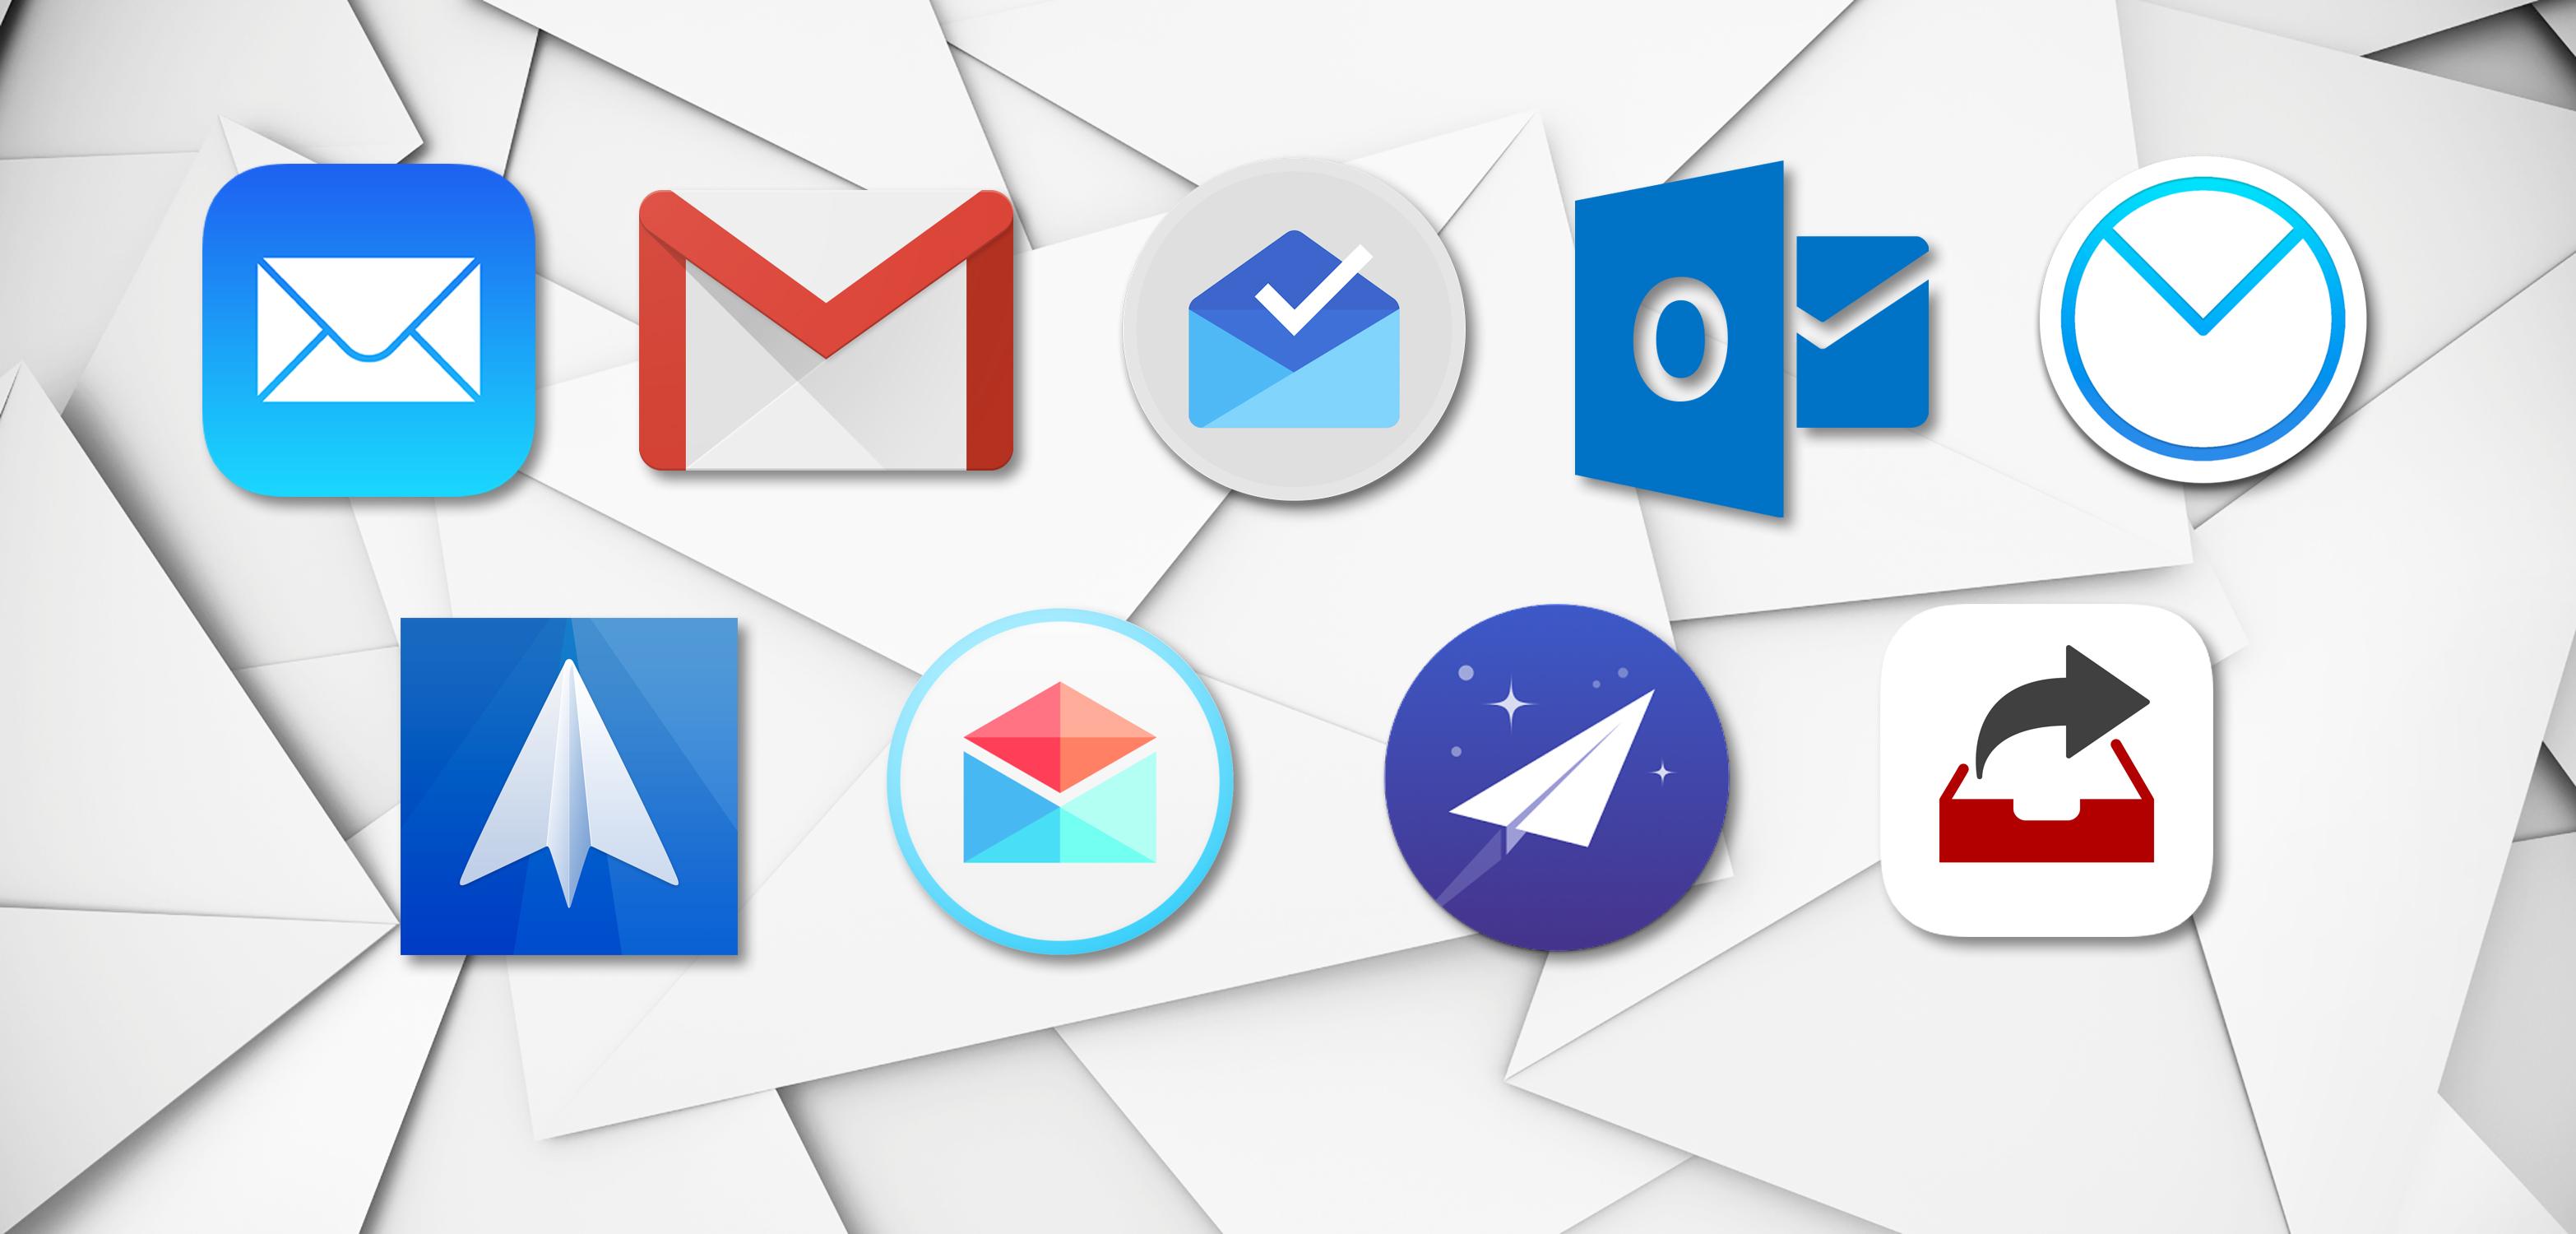 Comparativo entre aplicativos de email